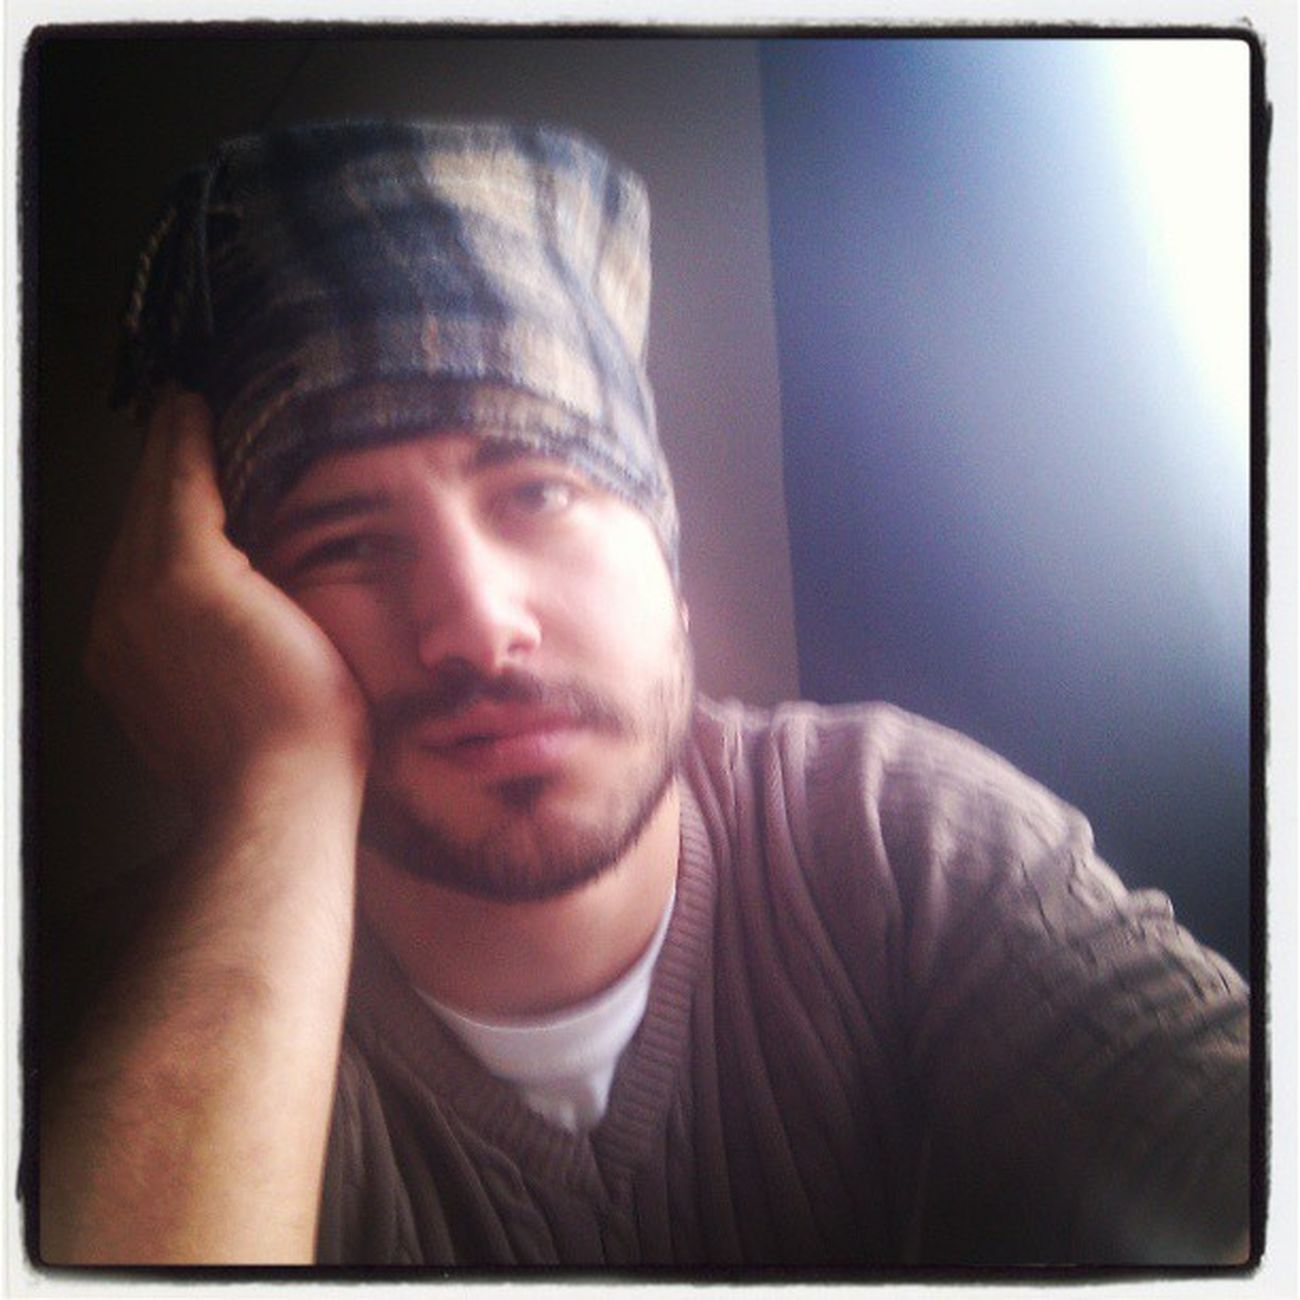 Scarf Atki Beard Sakal lesson ders boring sıkıcı